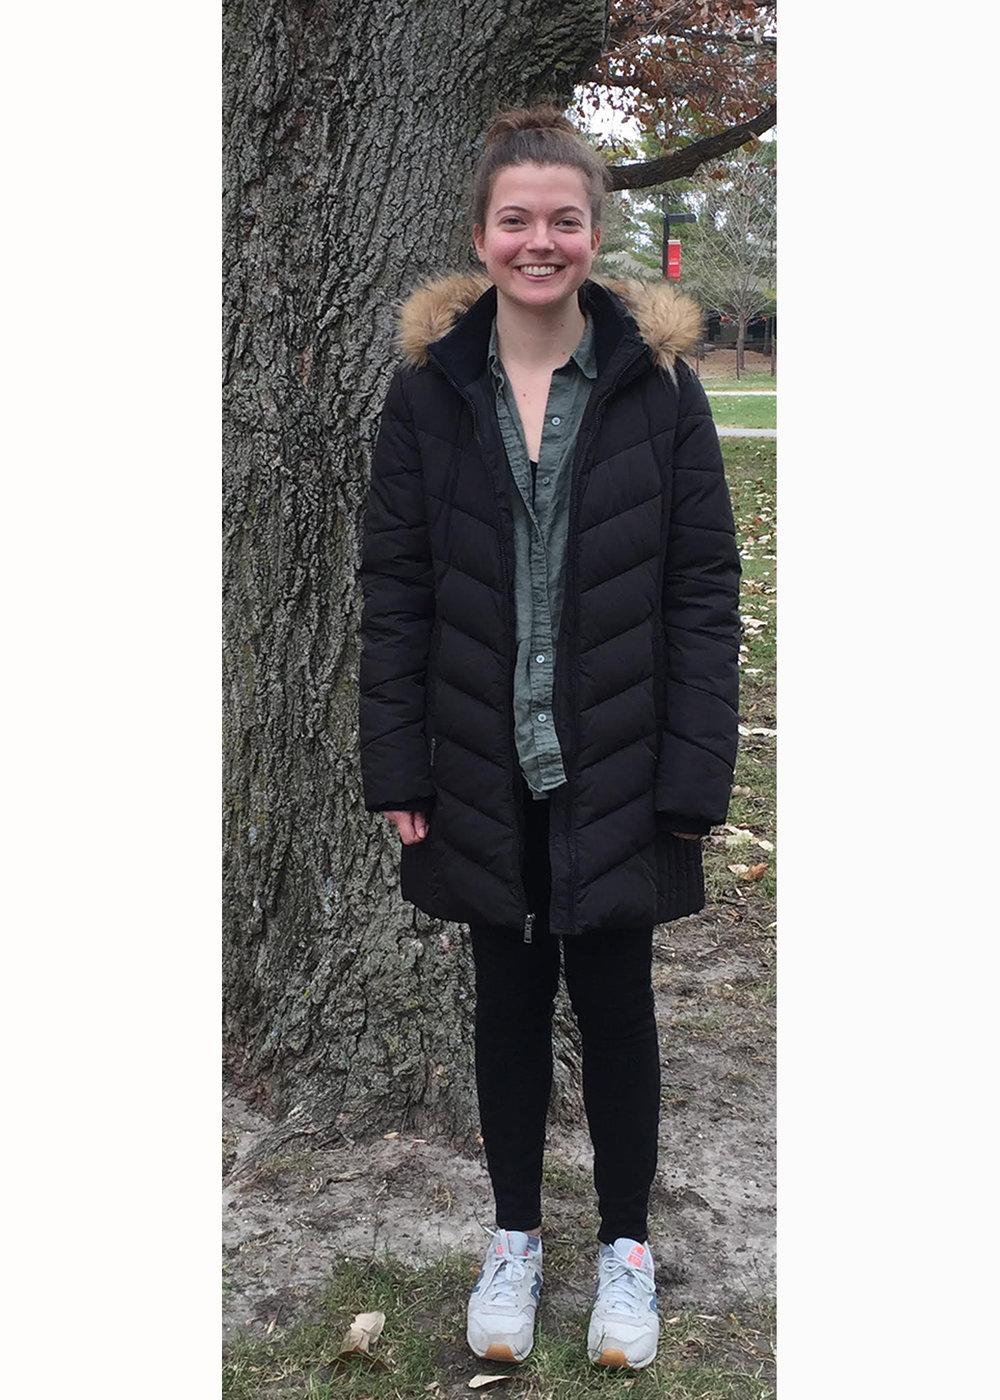 Meghan Rumel - Undergraduate in Sociology